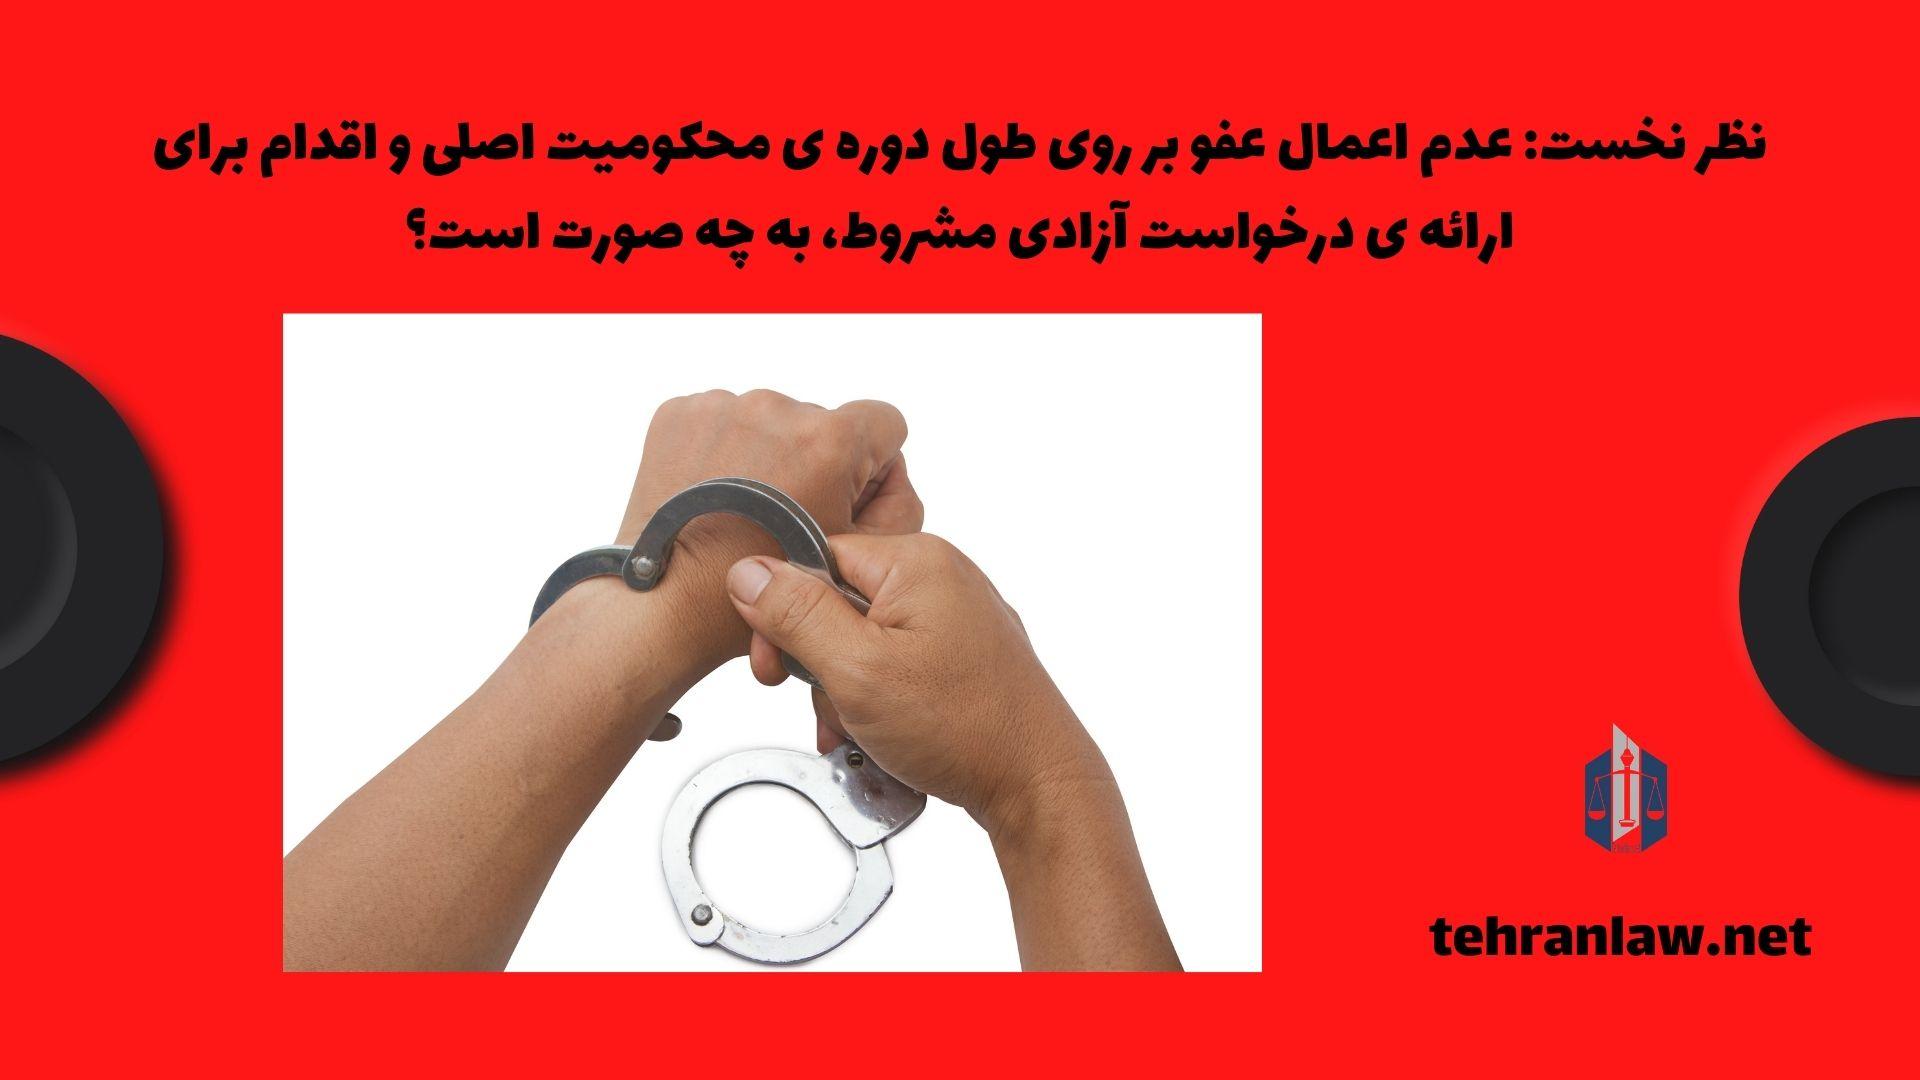 نظر نخست: عدم اعمال عفو بر روی طول دوره ی محکومیت اصلی و اقدام برای ارائه ی درخواست آزادی مشروط، به چه صورت است؟